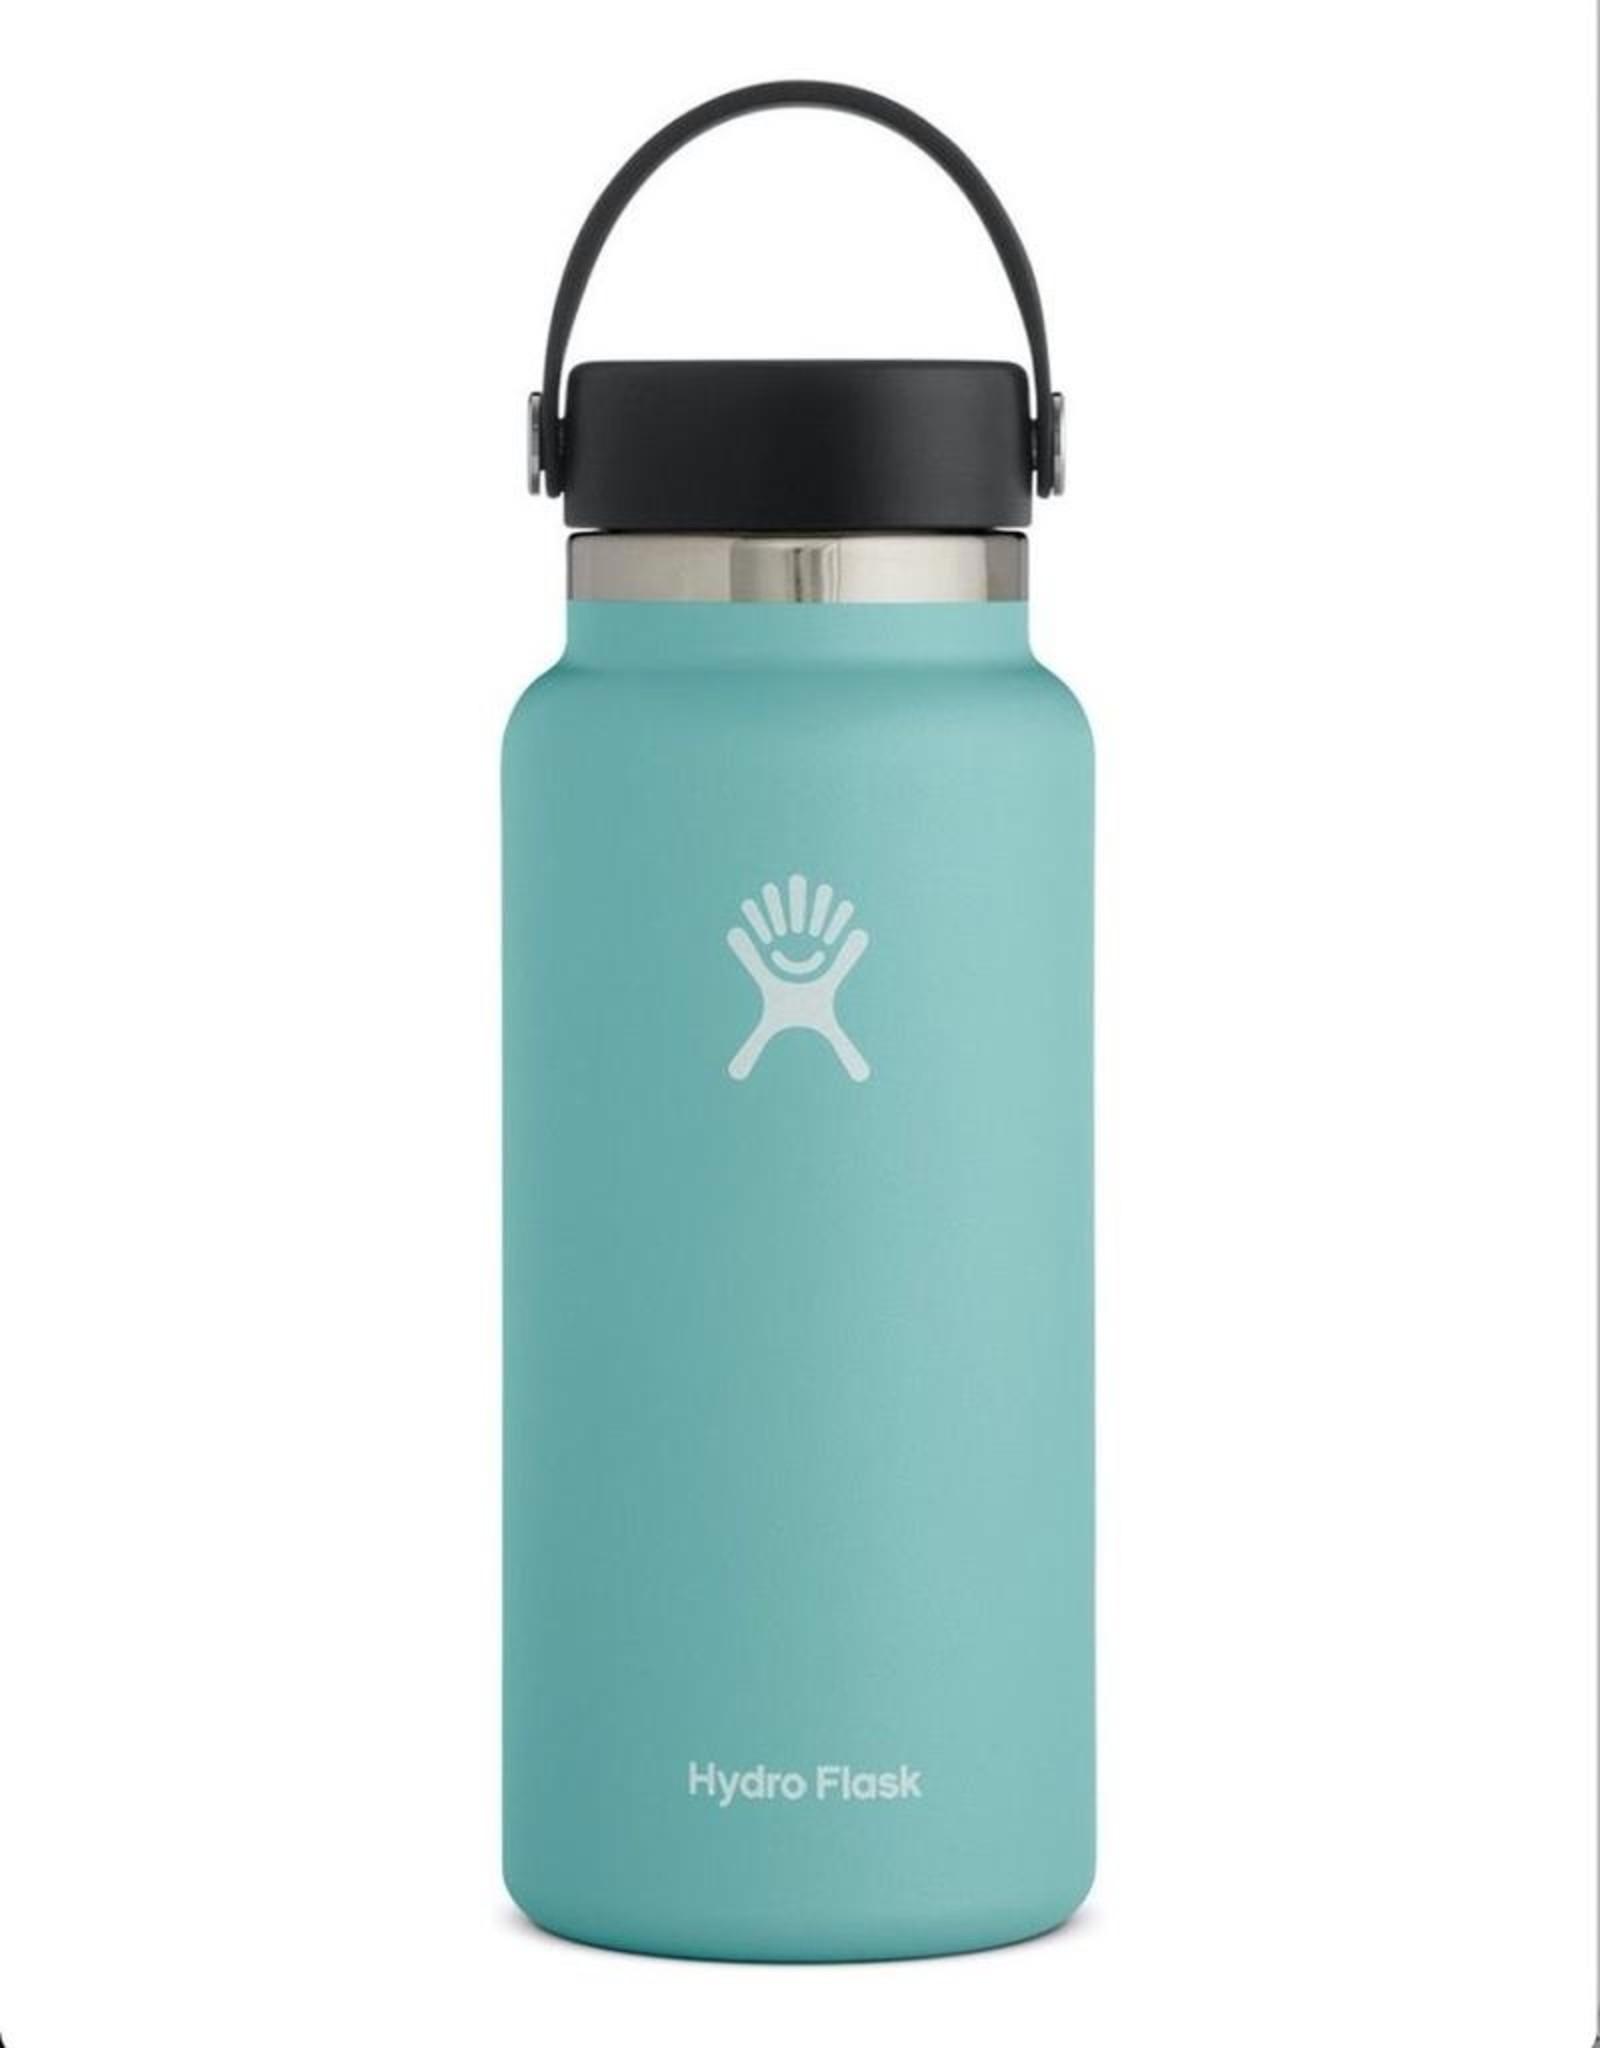 Hydro Flask 32 oz Wide Mouth Flex Cap Bottle in Alpine